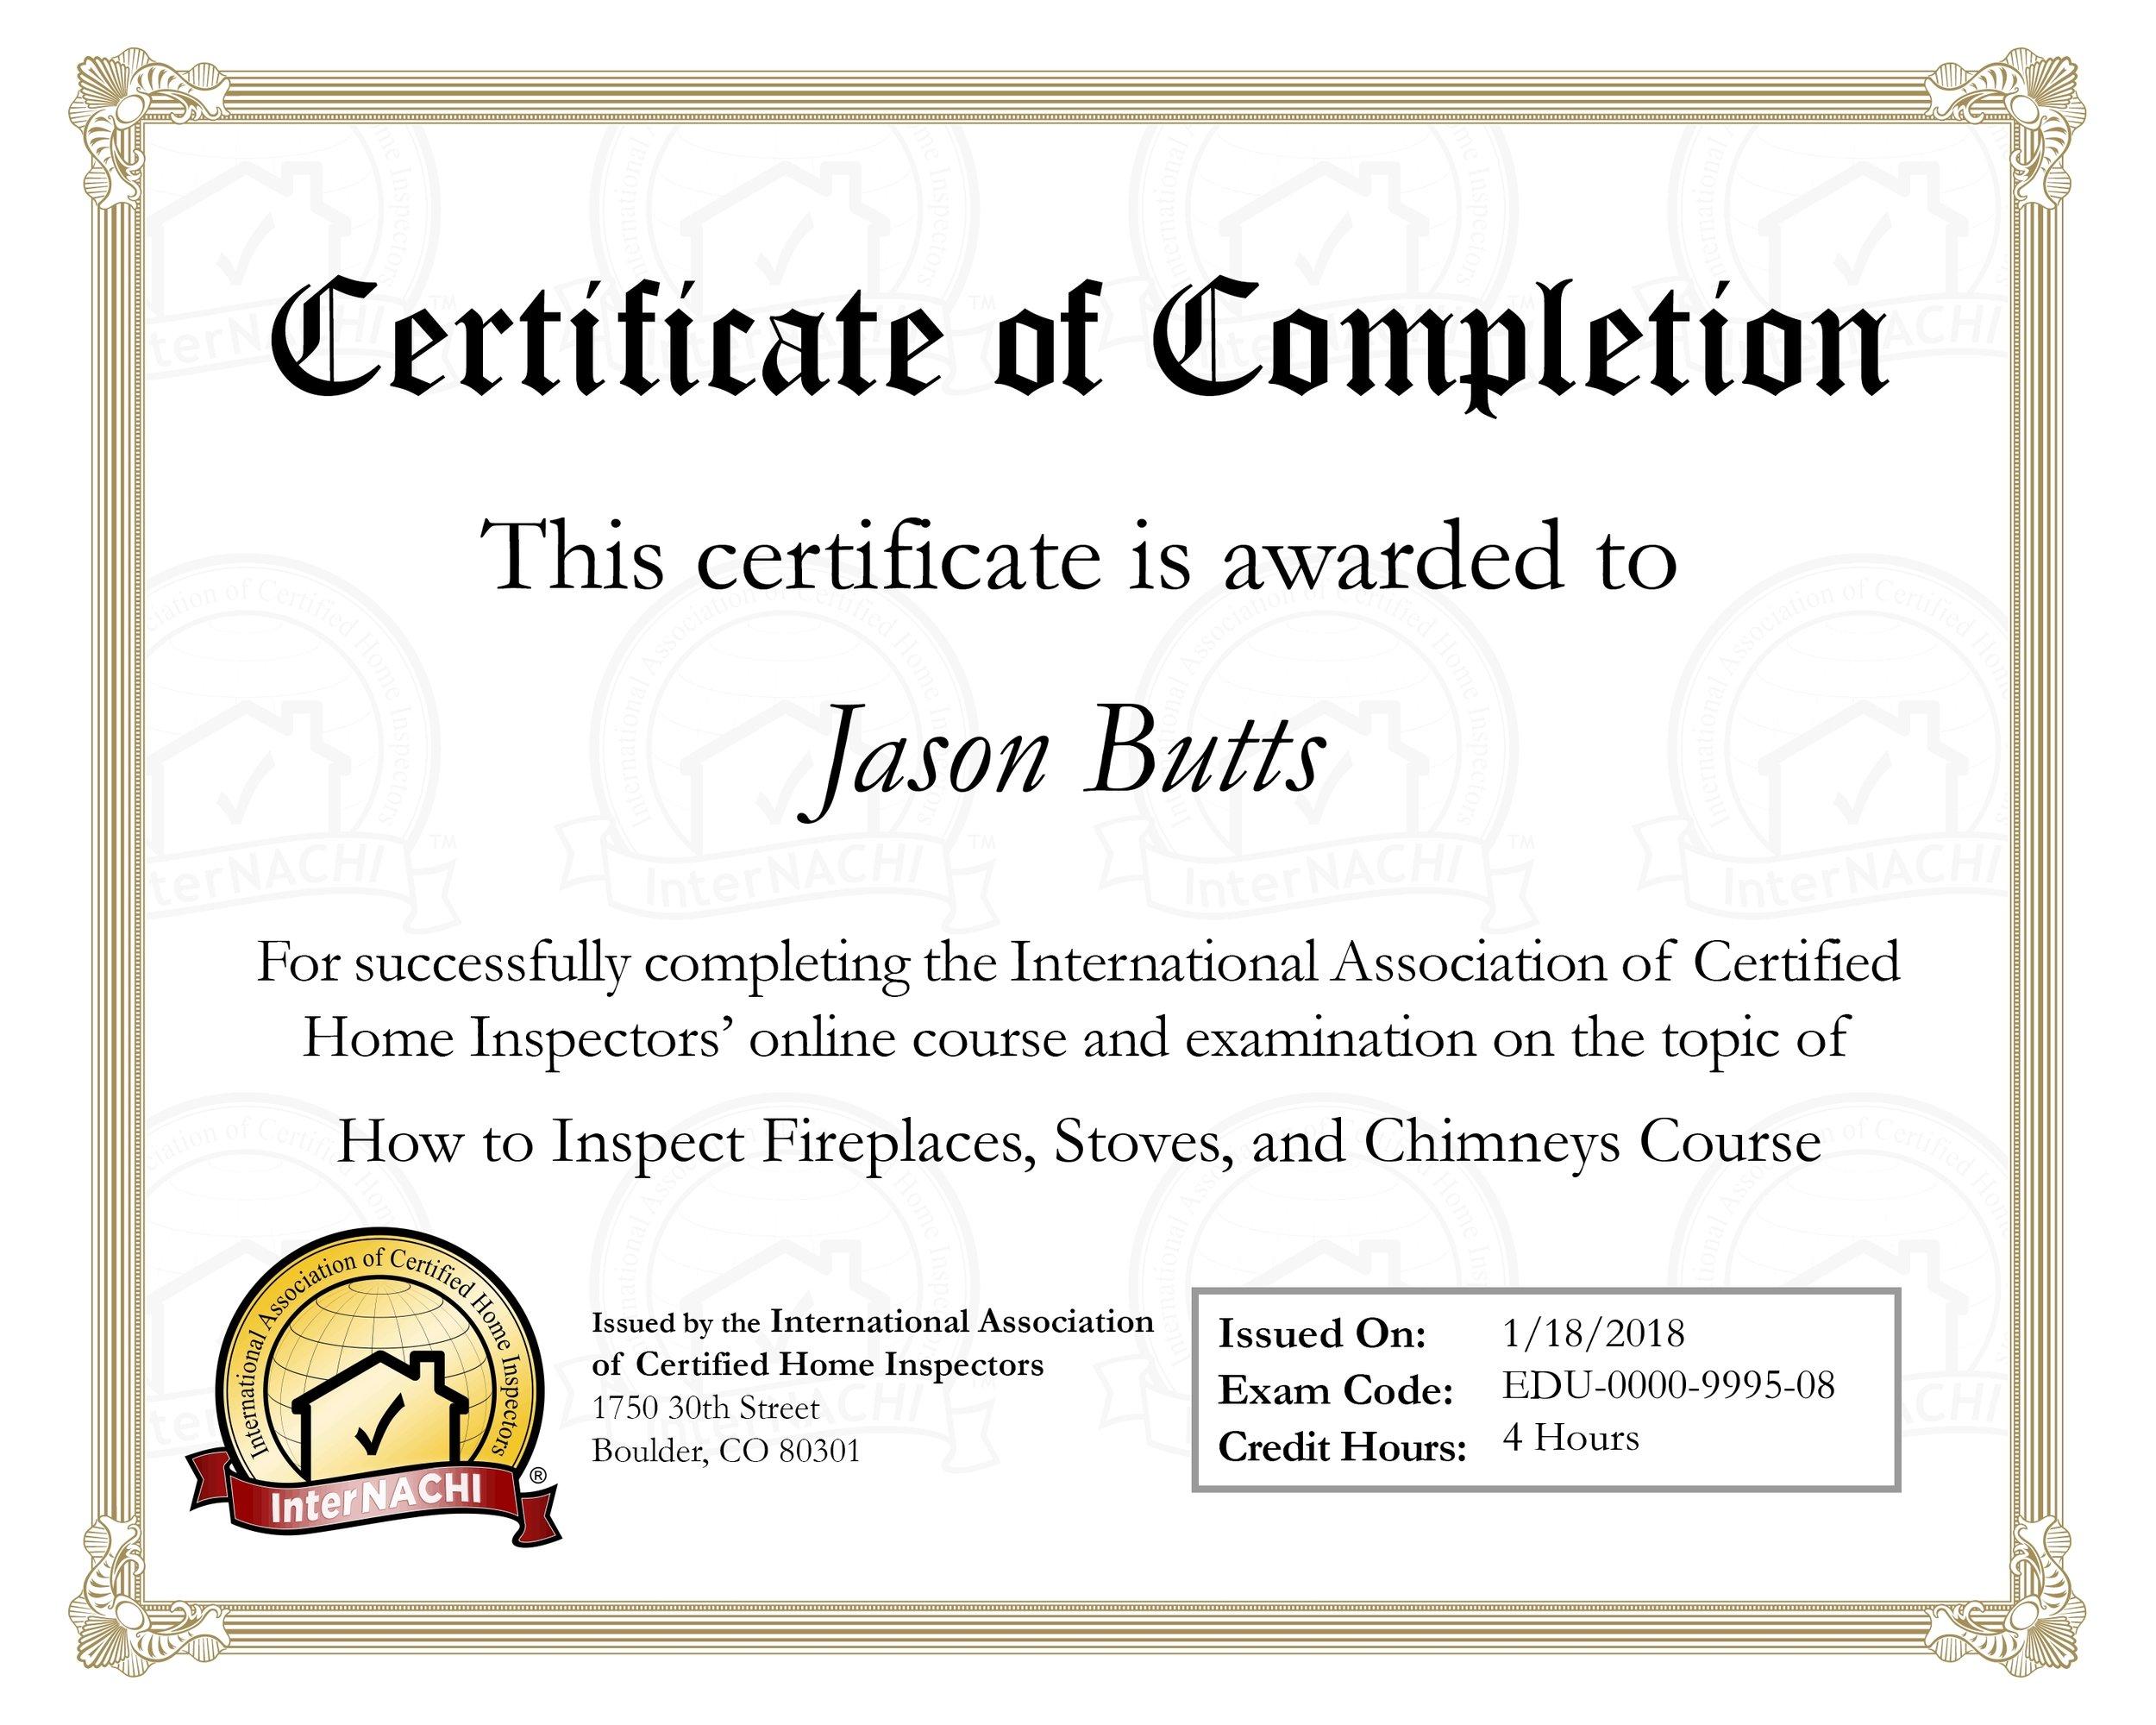 jbutts2_certificate_153.jpg